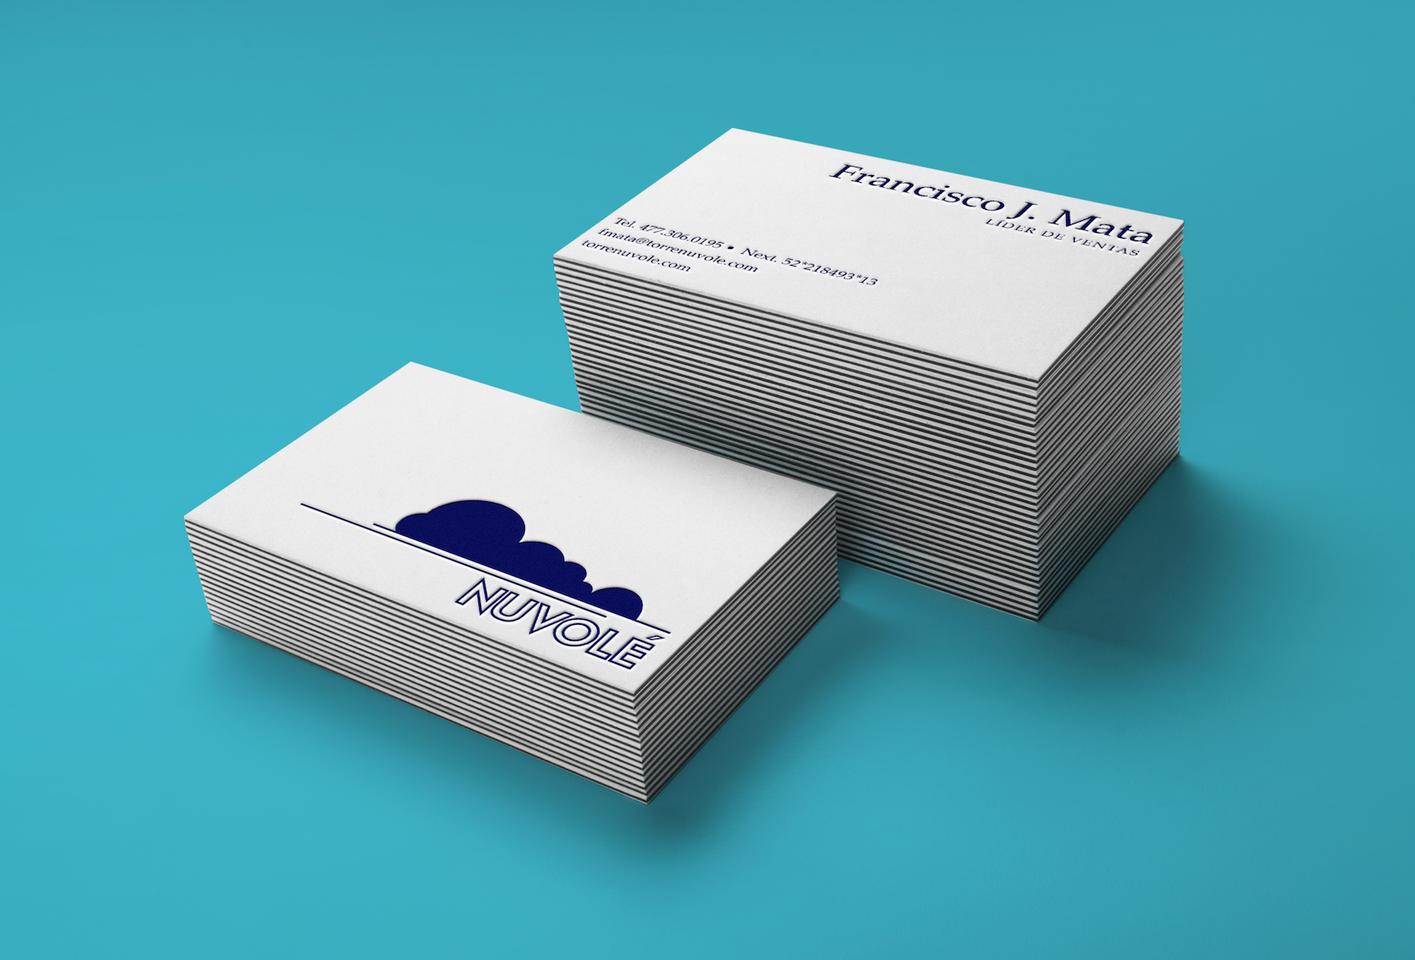 Nuvole business card